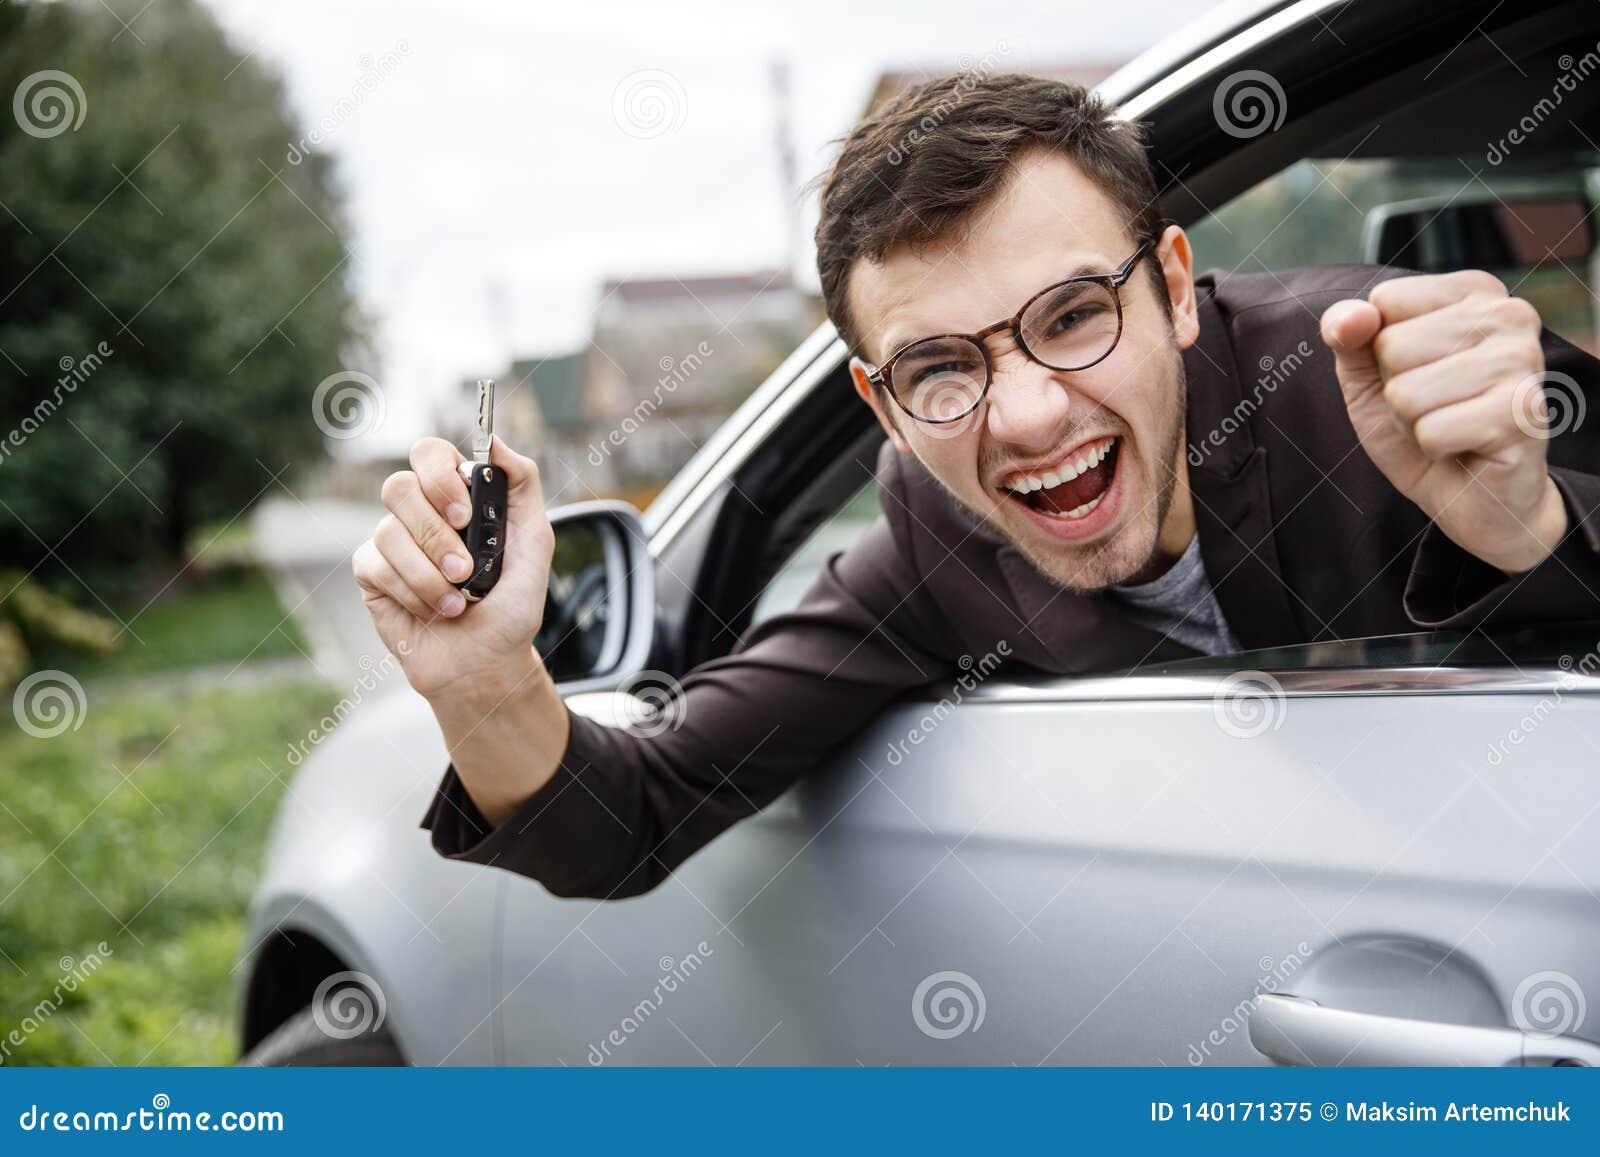 欢欣的年轻人从车窗偷看,当看照相机时 他把握关键在他的右手 他的